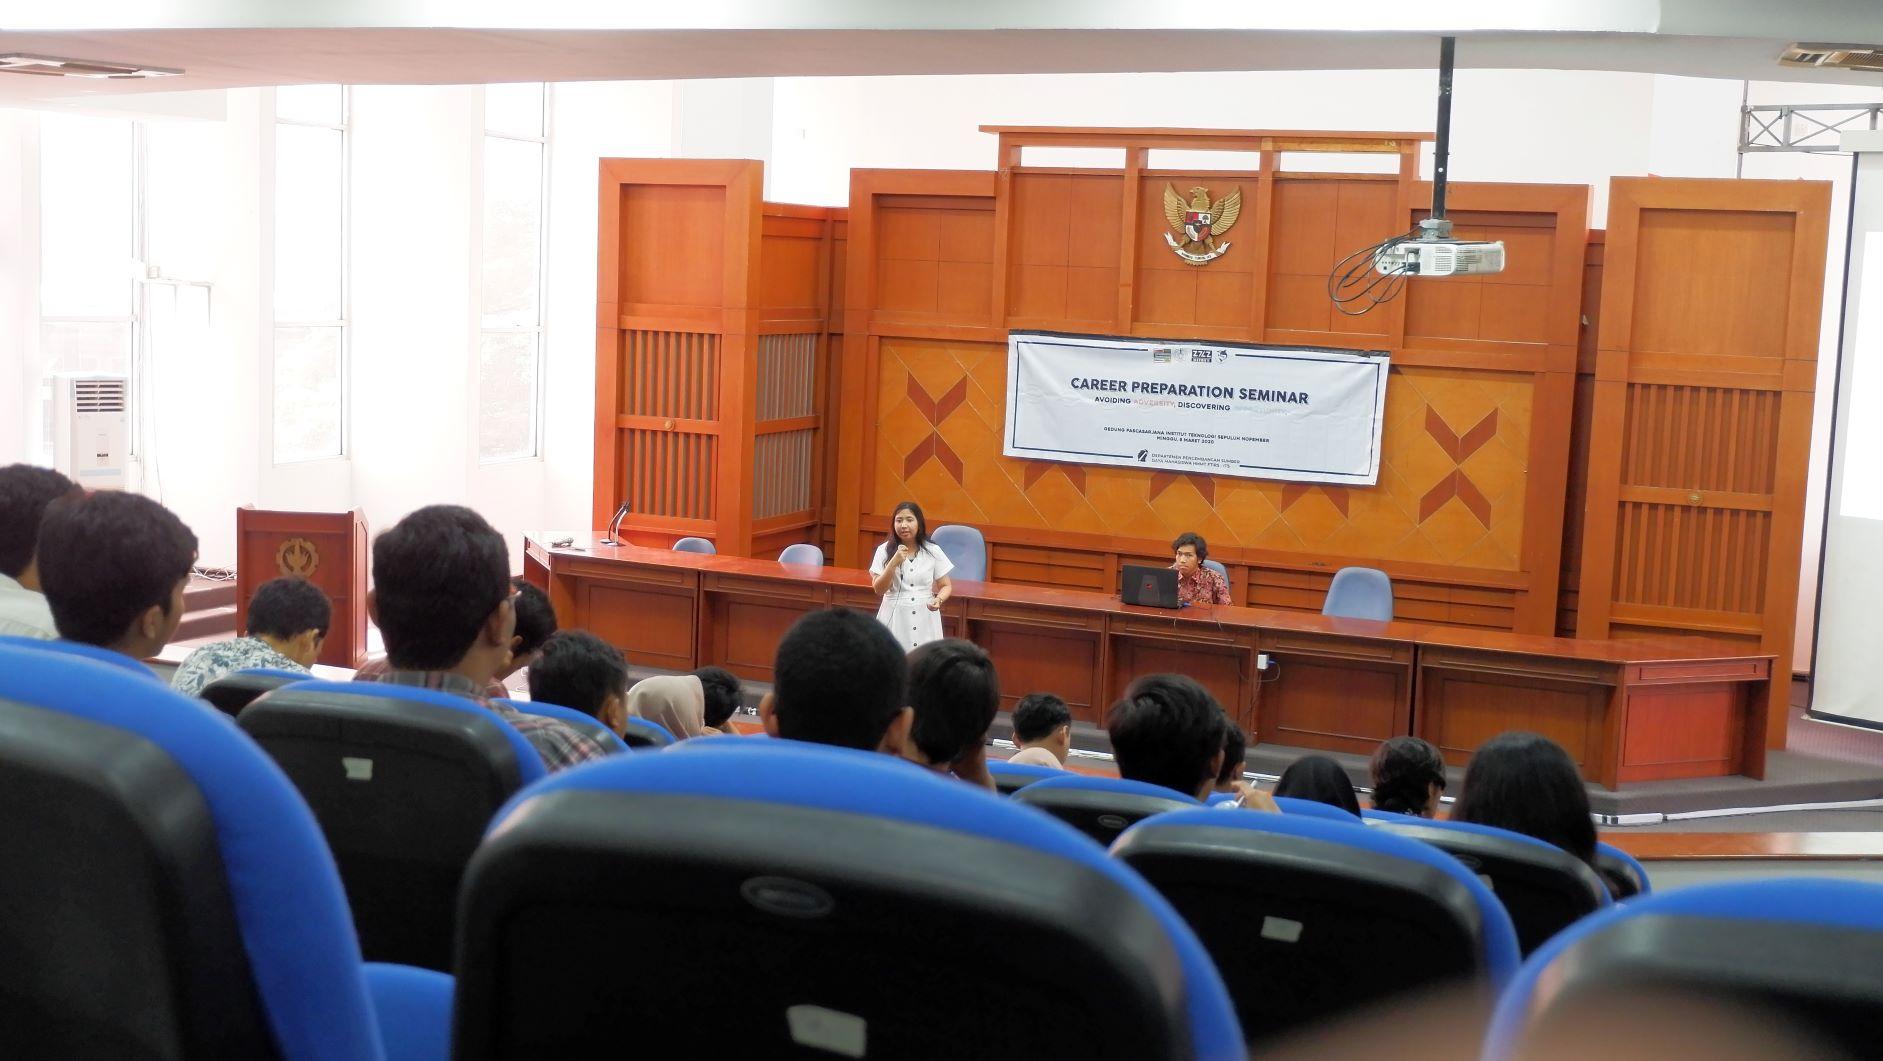 Career Preparation Seminar